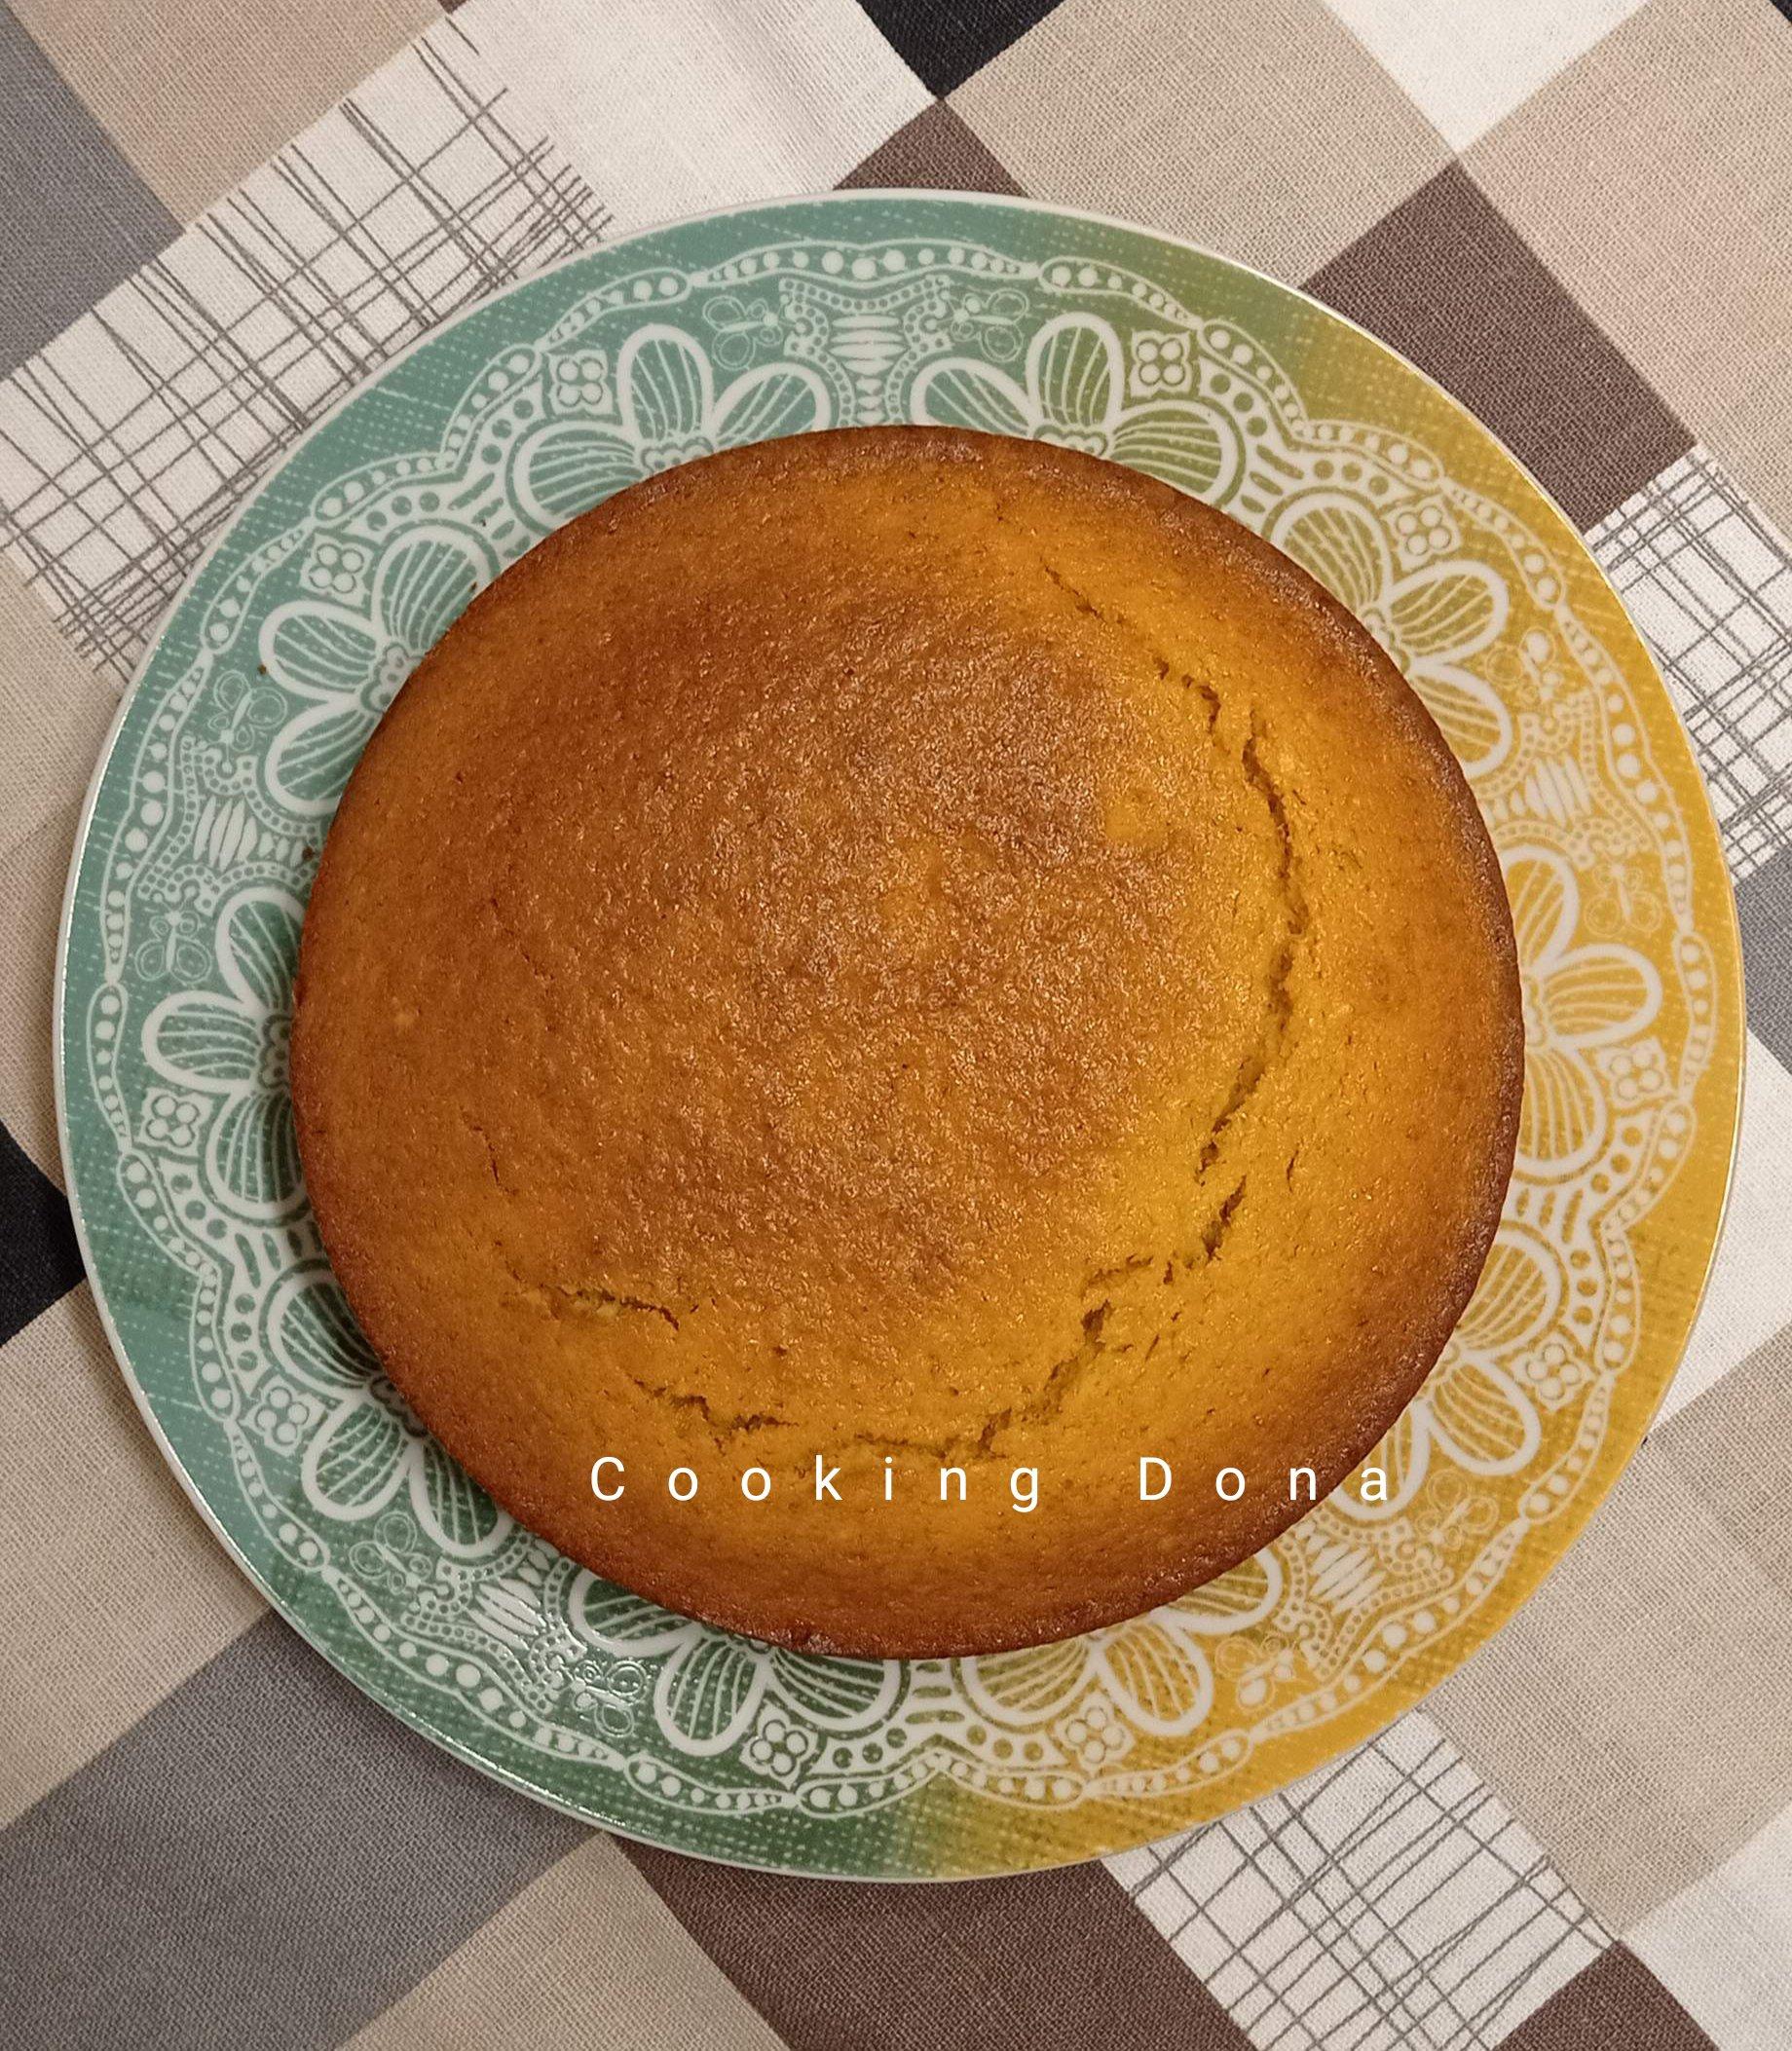 Torta si carote e mandorle al profumo di limone